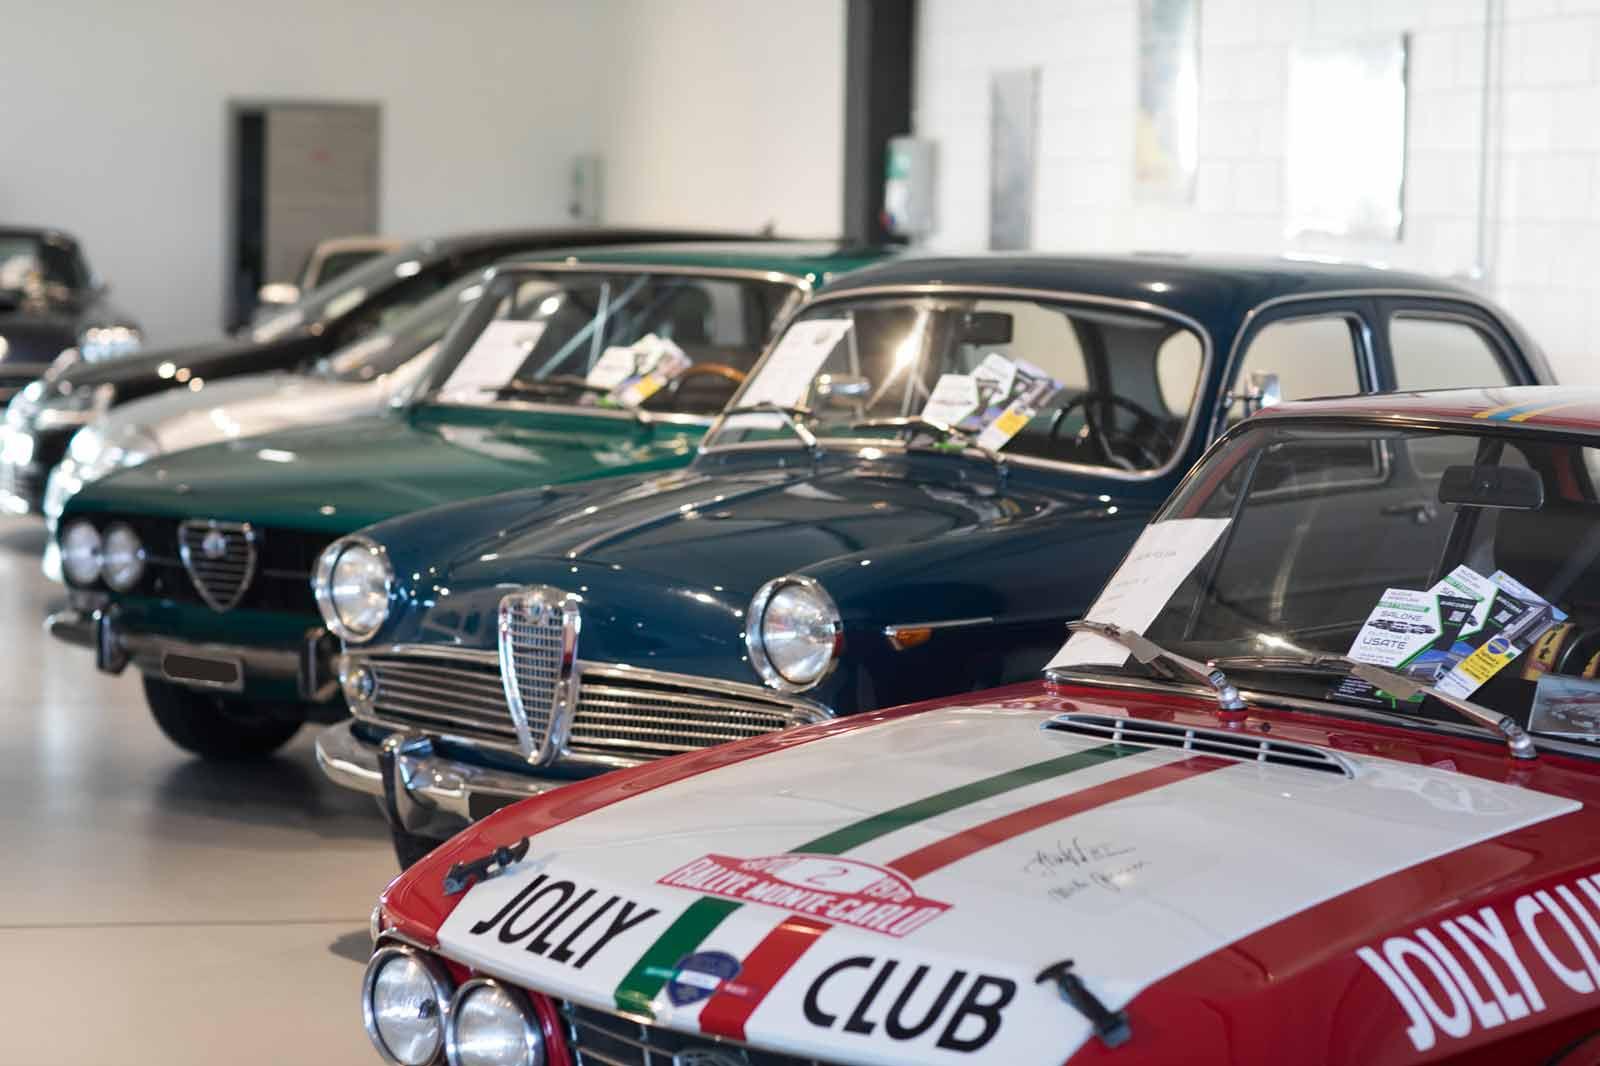 Salone-Auto-Multimarca-Giacobbe-Automobili-Inaugurazione-Desenzano-Lonato-Garda (11)